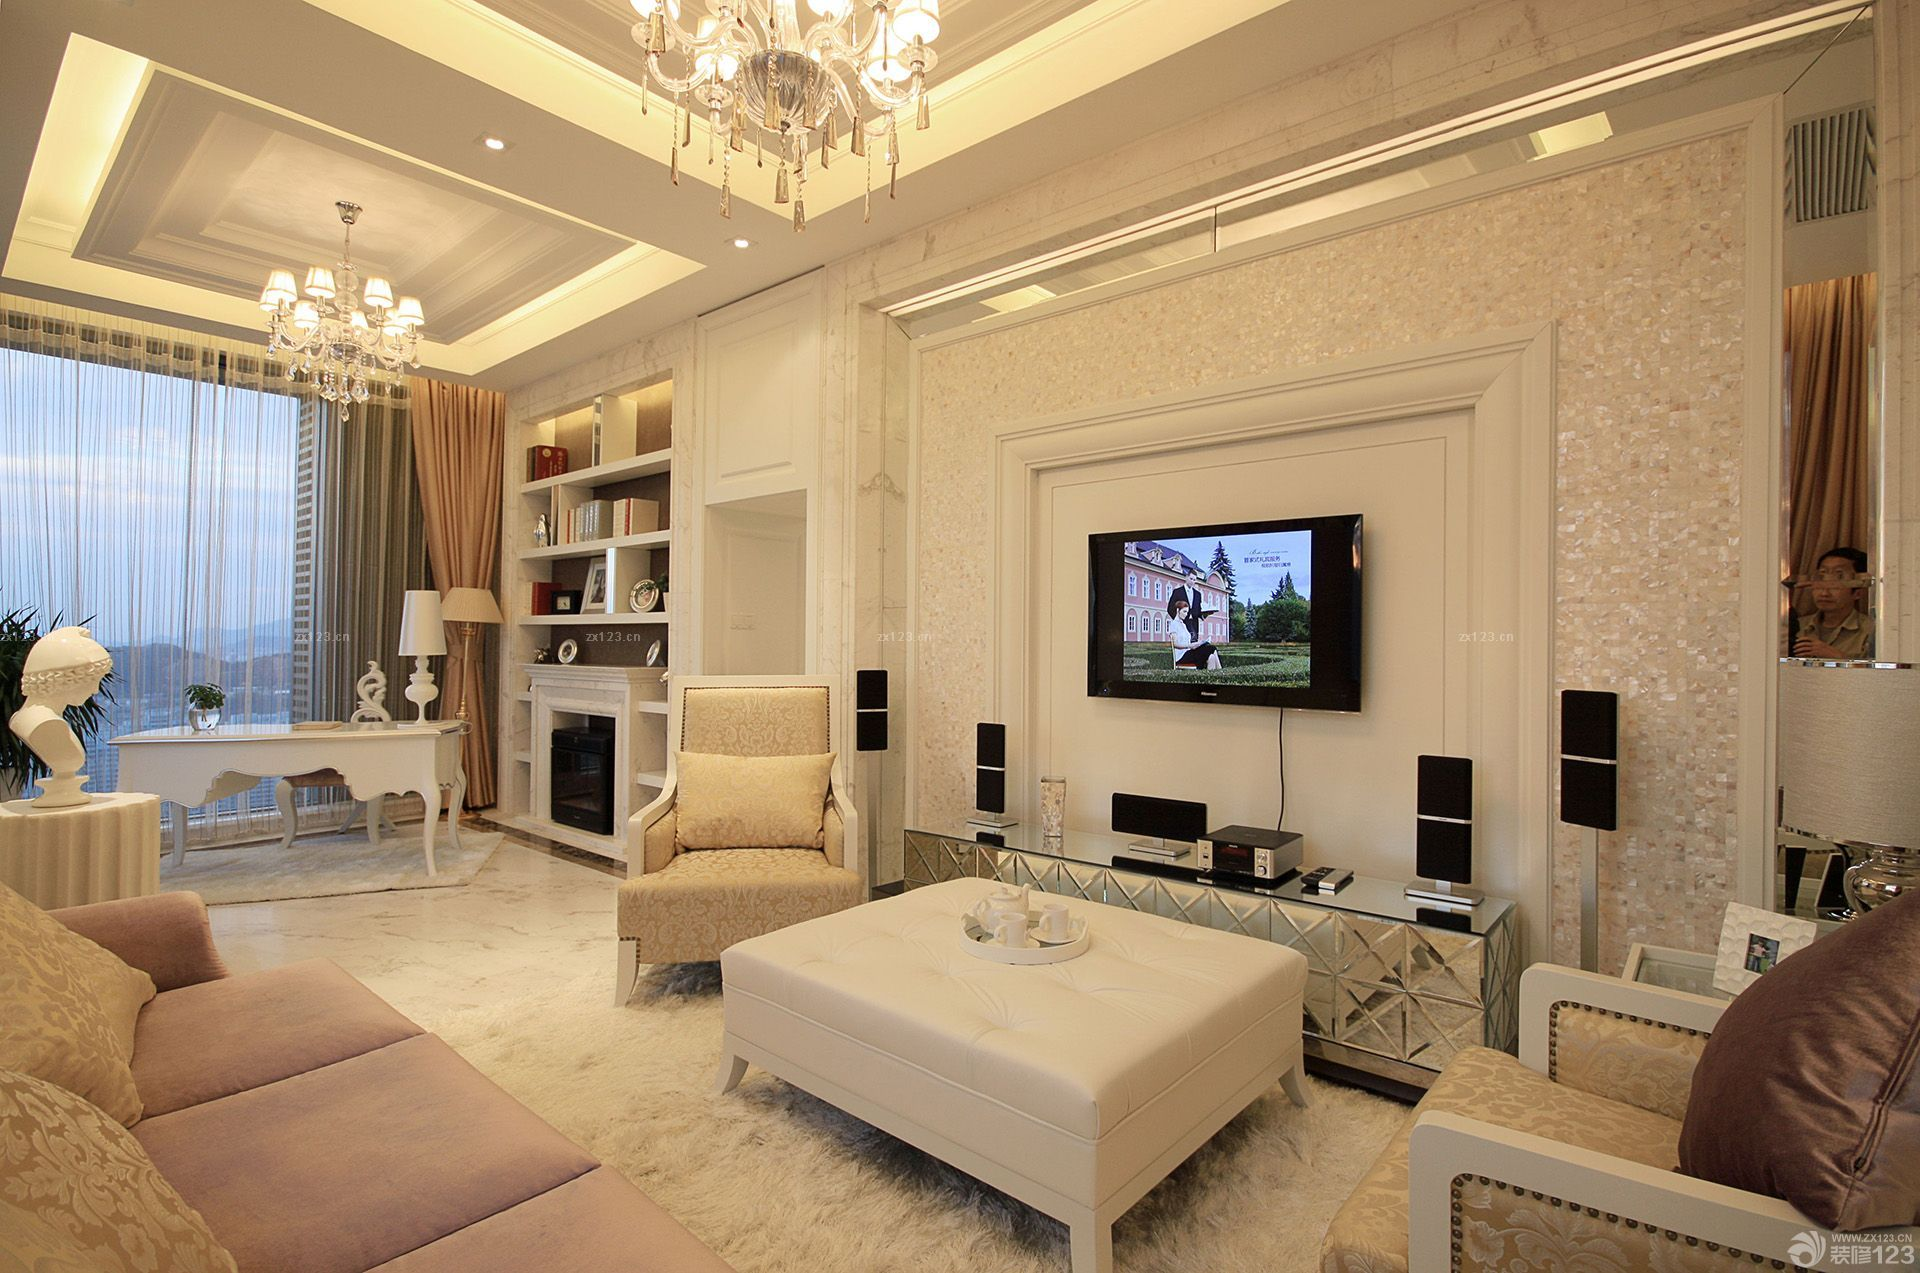 80平方房子客厅兼书房装修效果图 设计456装修效果图